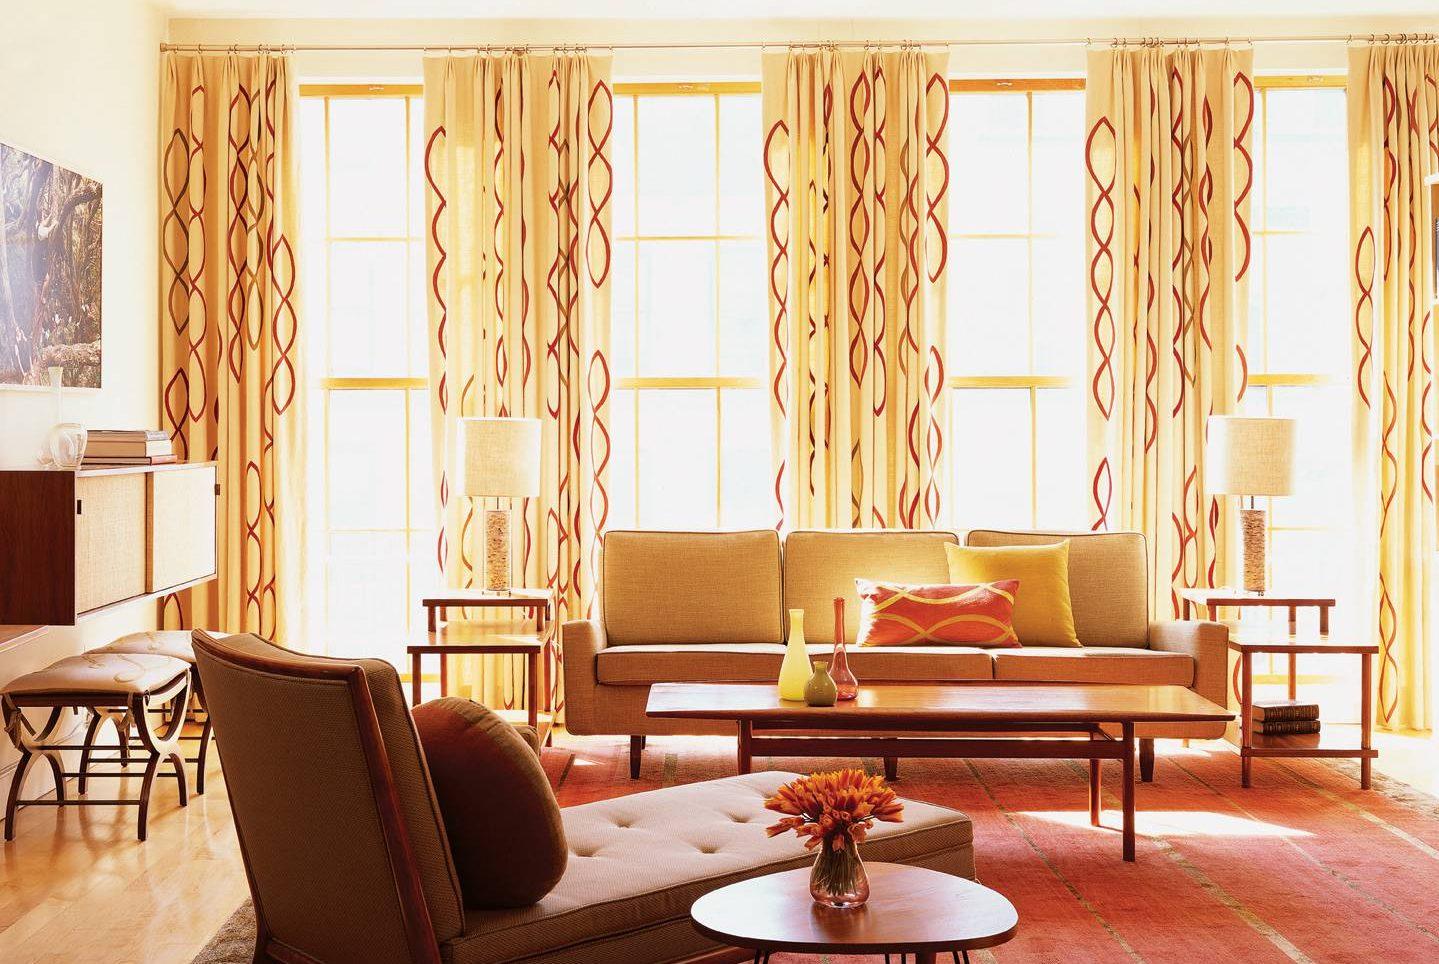 Tende Sala E Cucina dentro casa: come scegliere le tende giuste. oltre 40 idee